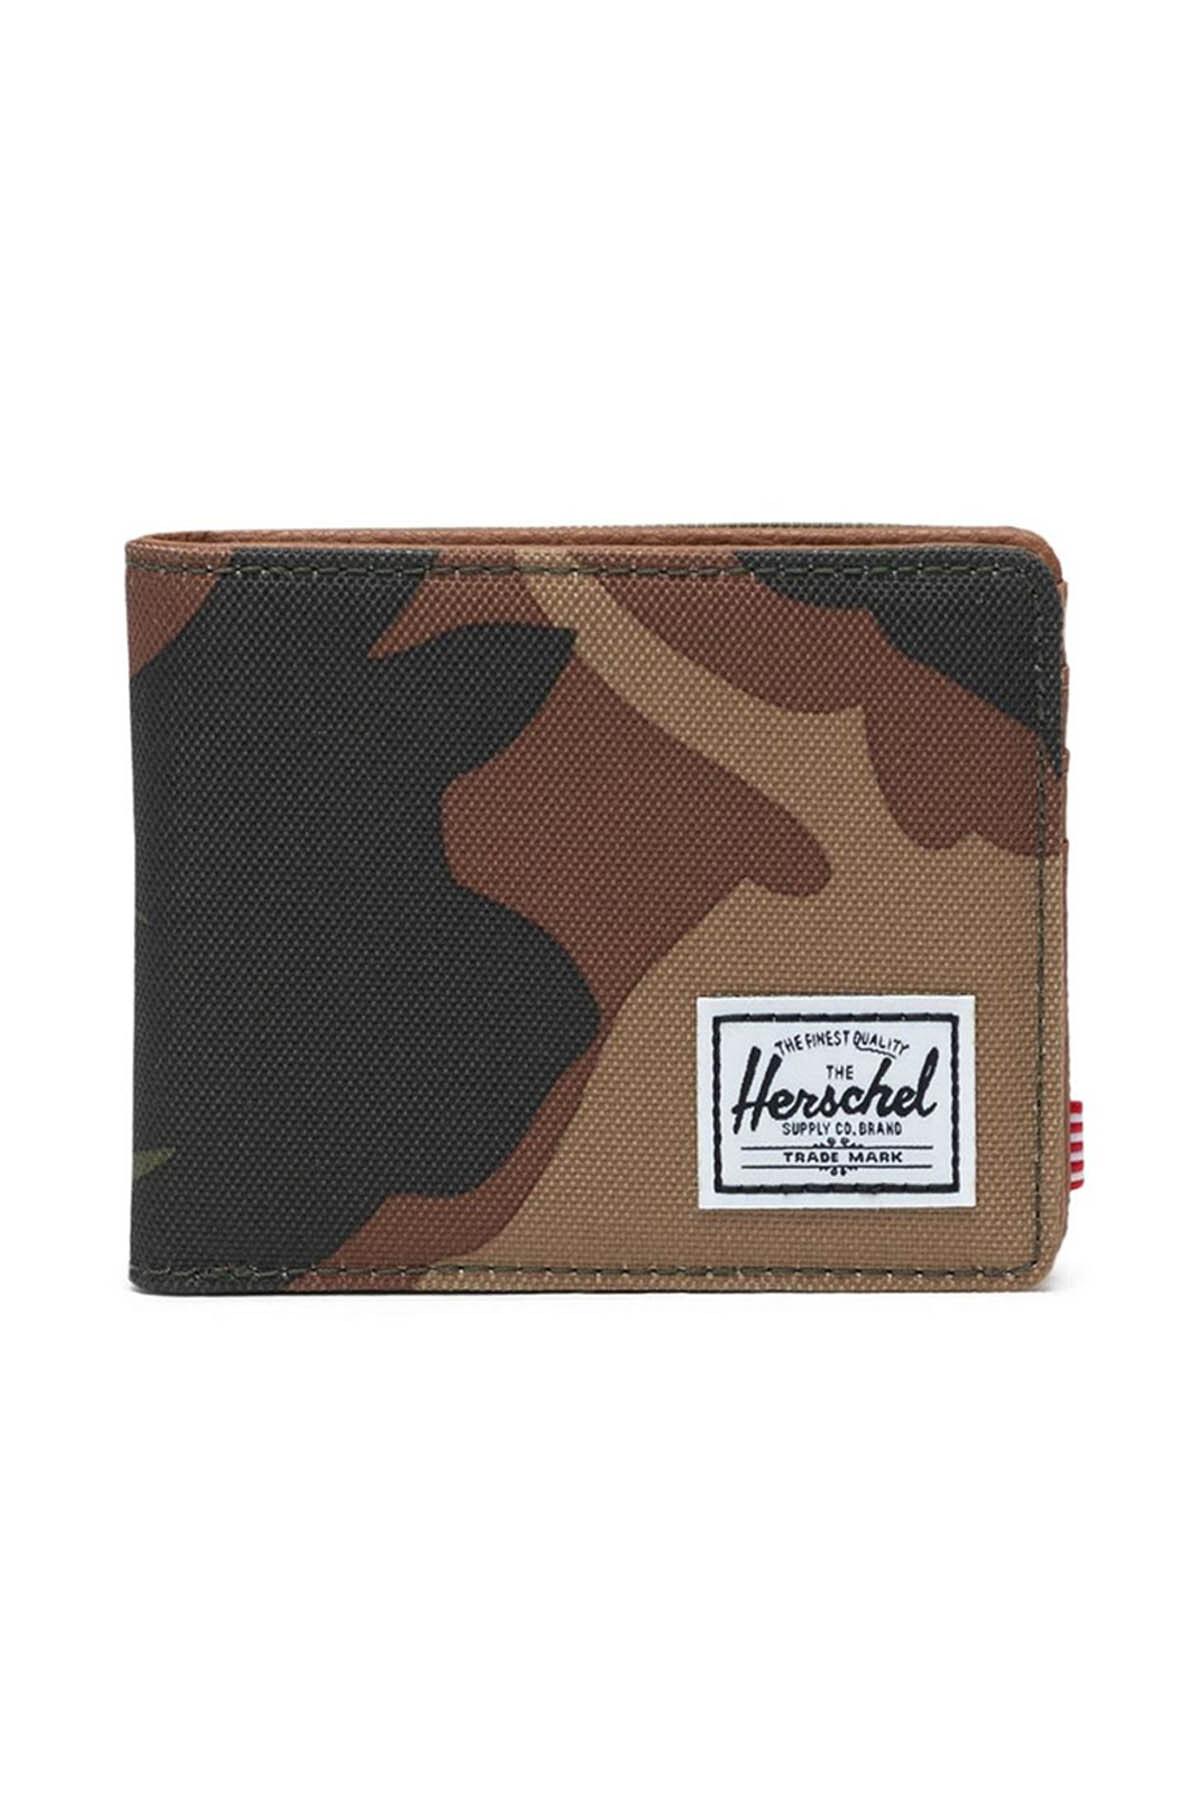 Herschel Unisex Spor Mont -  Hank RFID Woodland Camo - 10368-00032-OS